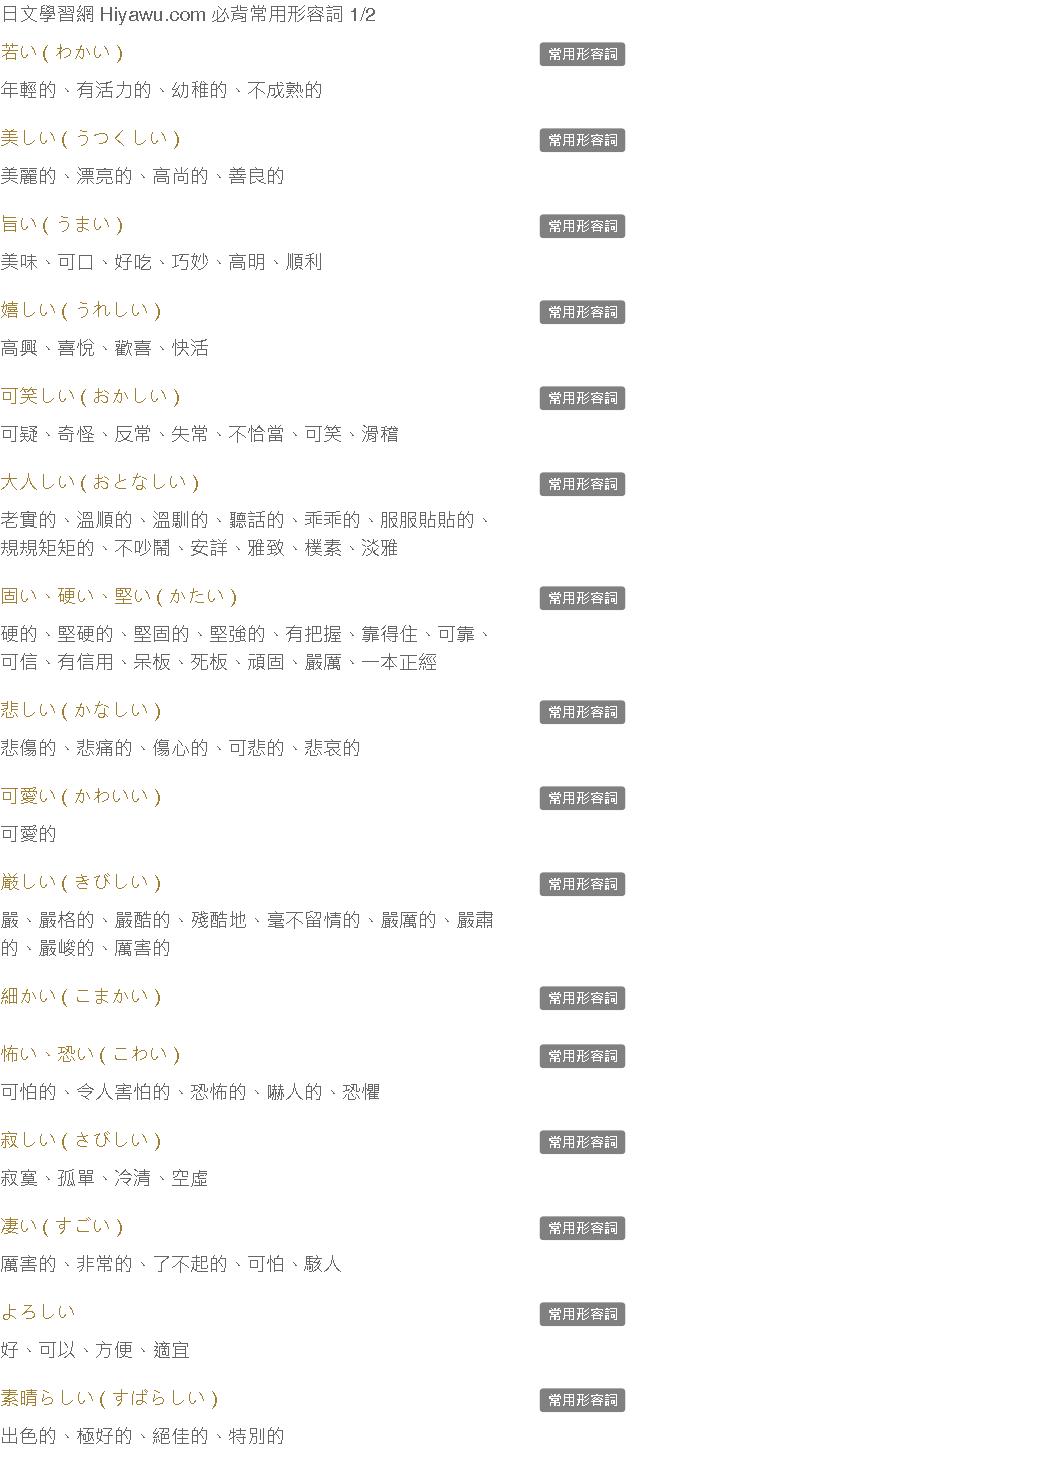 【日文單字入門】初學者必學形容詞重點-免費學習資源整理 - 日語學習網-從現在開始學日文-日文學習App更新中